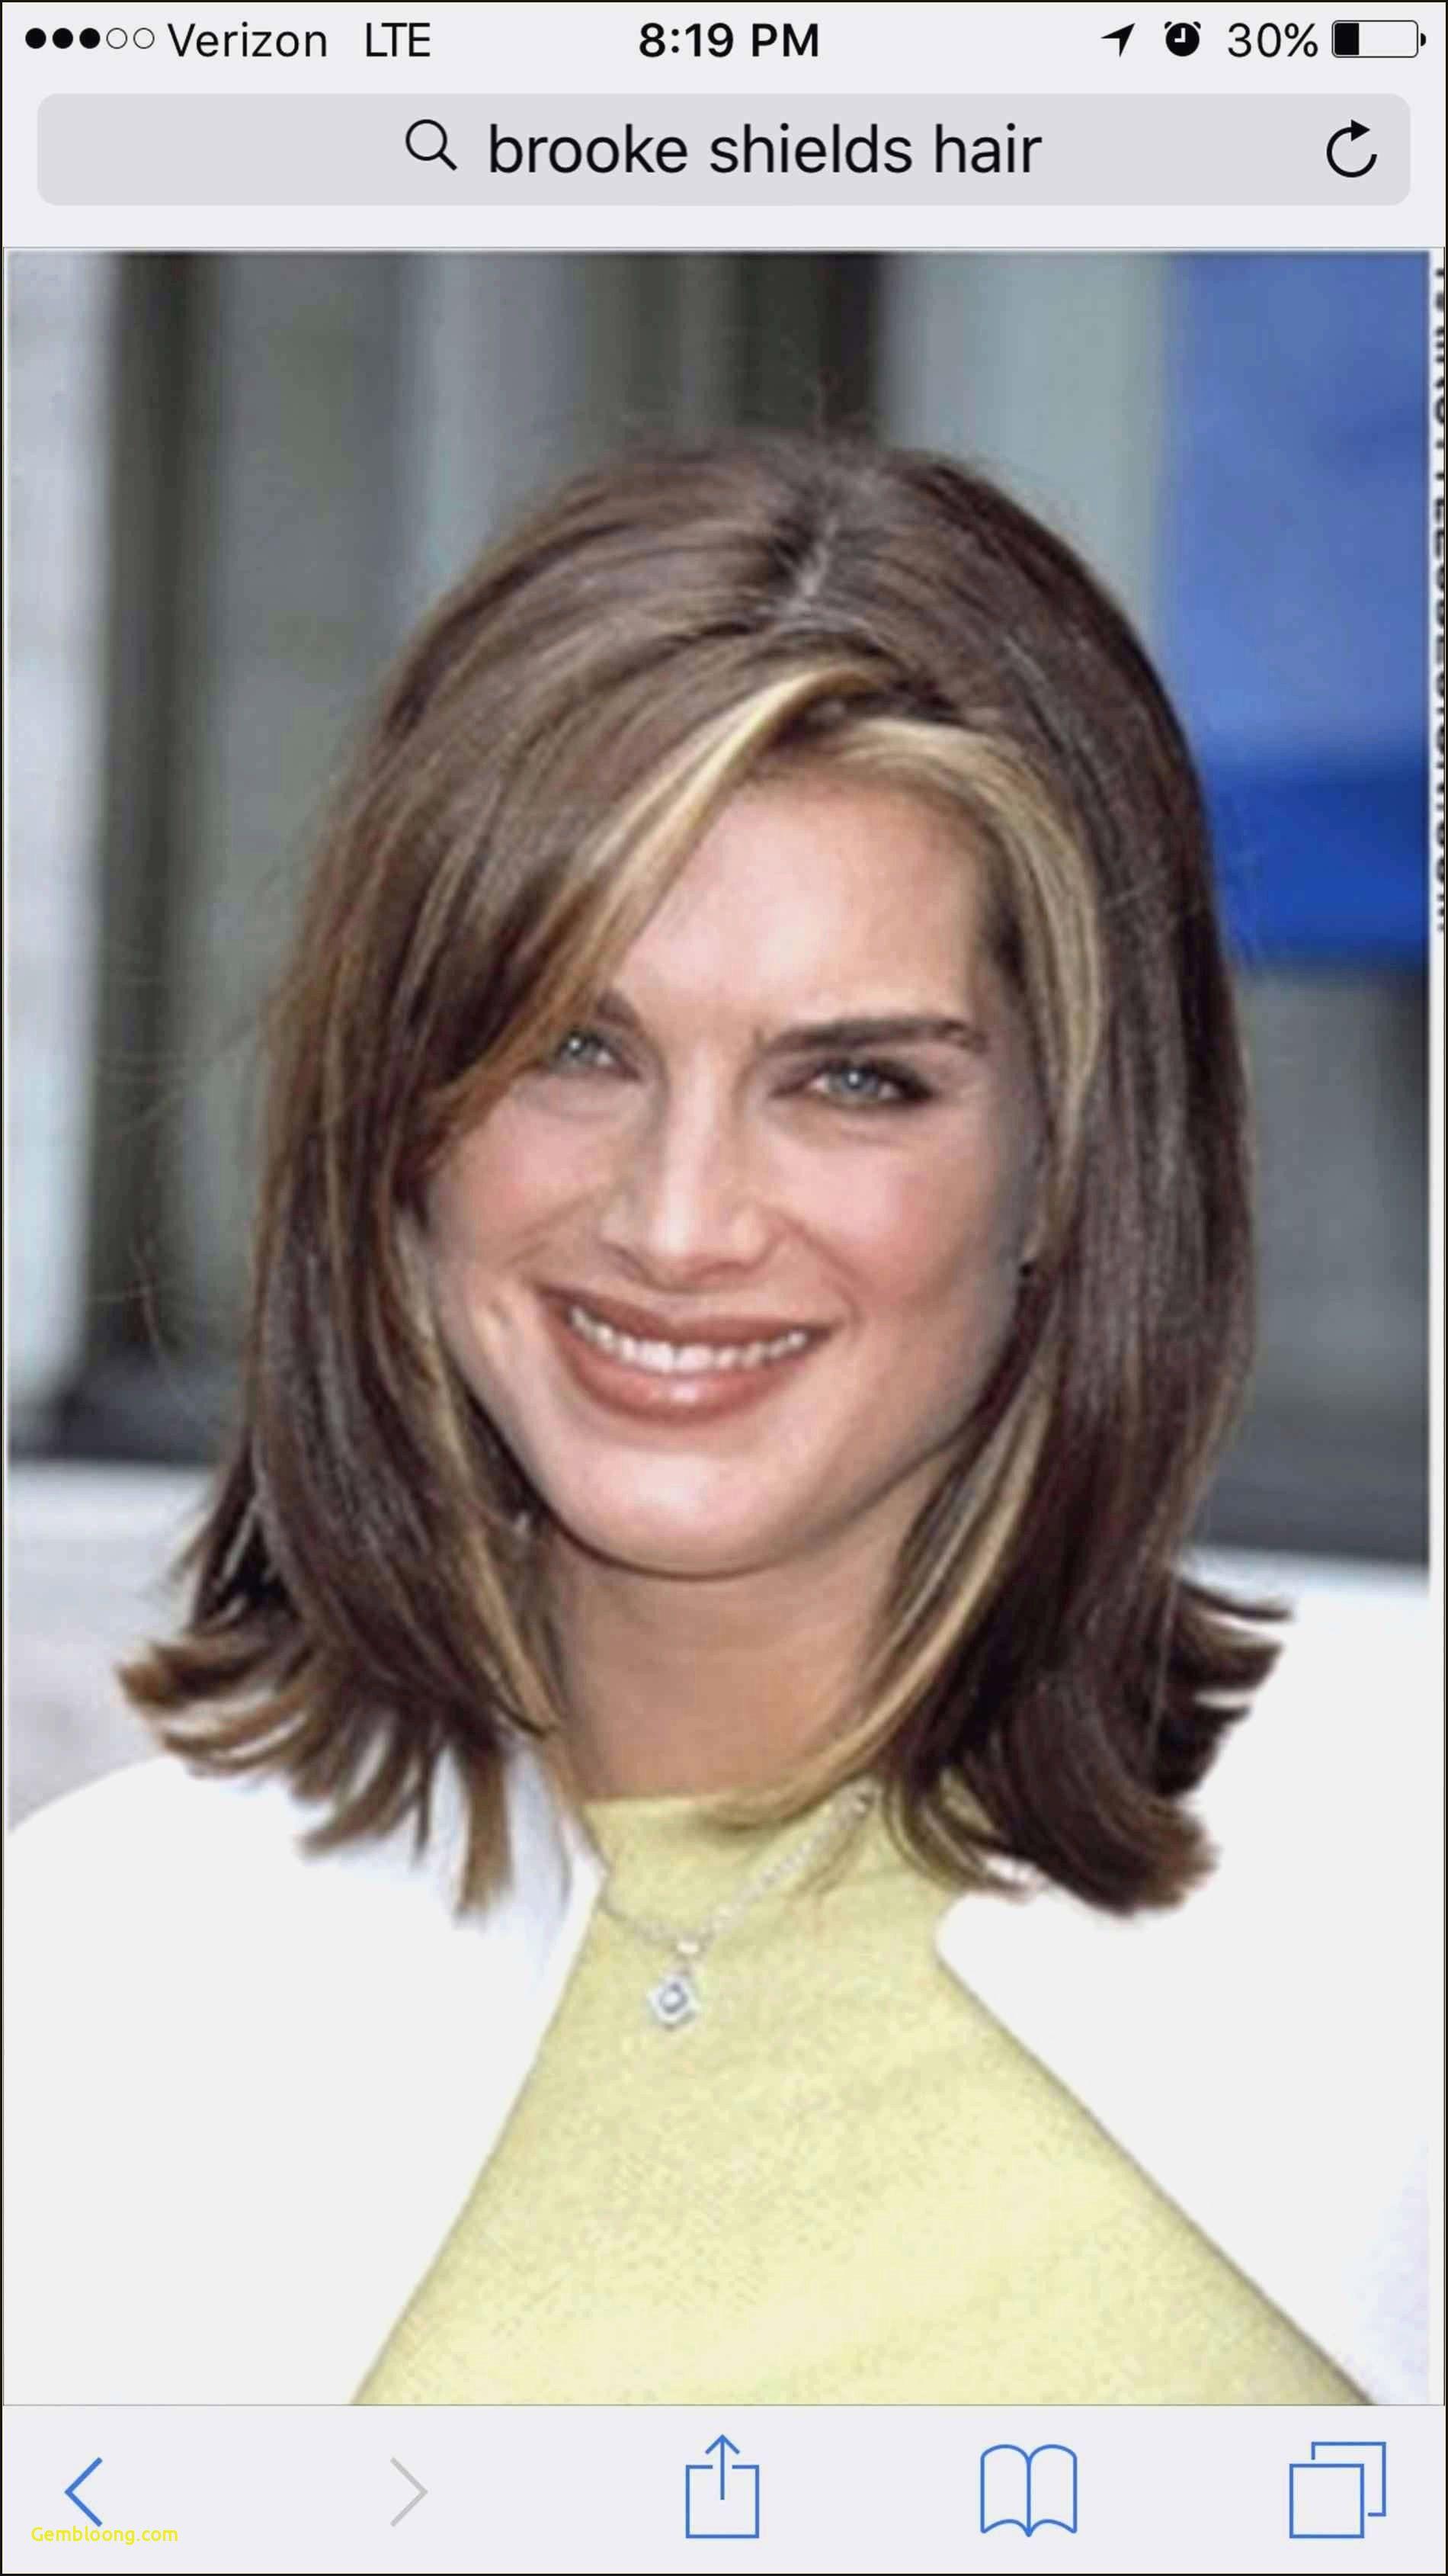 Damen Frisuren Nacken Kurz Deckhaar Lang Medium Hair Styles Oval Face Hairstyles Long Hair Styles